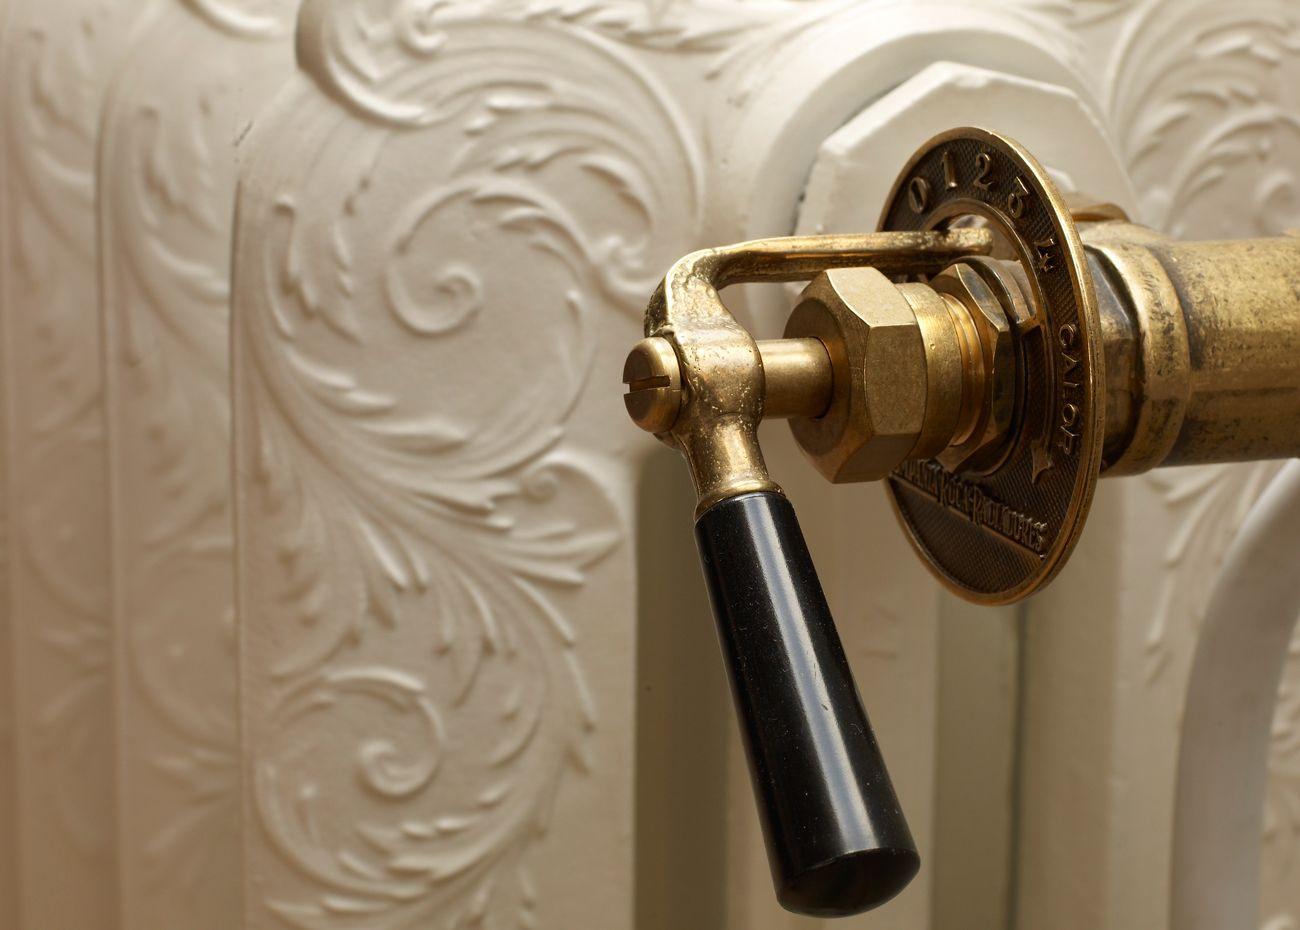 Klassieke Interieur Accessoires : Radiatorkranen bronzen accessoires voor de rococo radiatoren